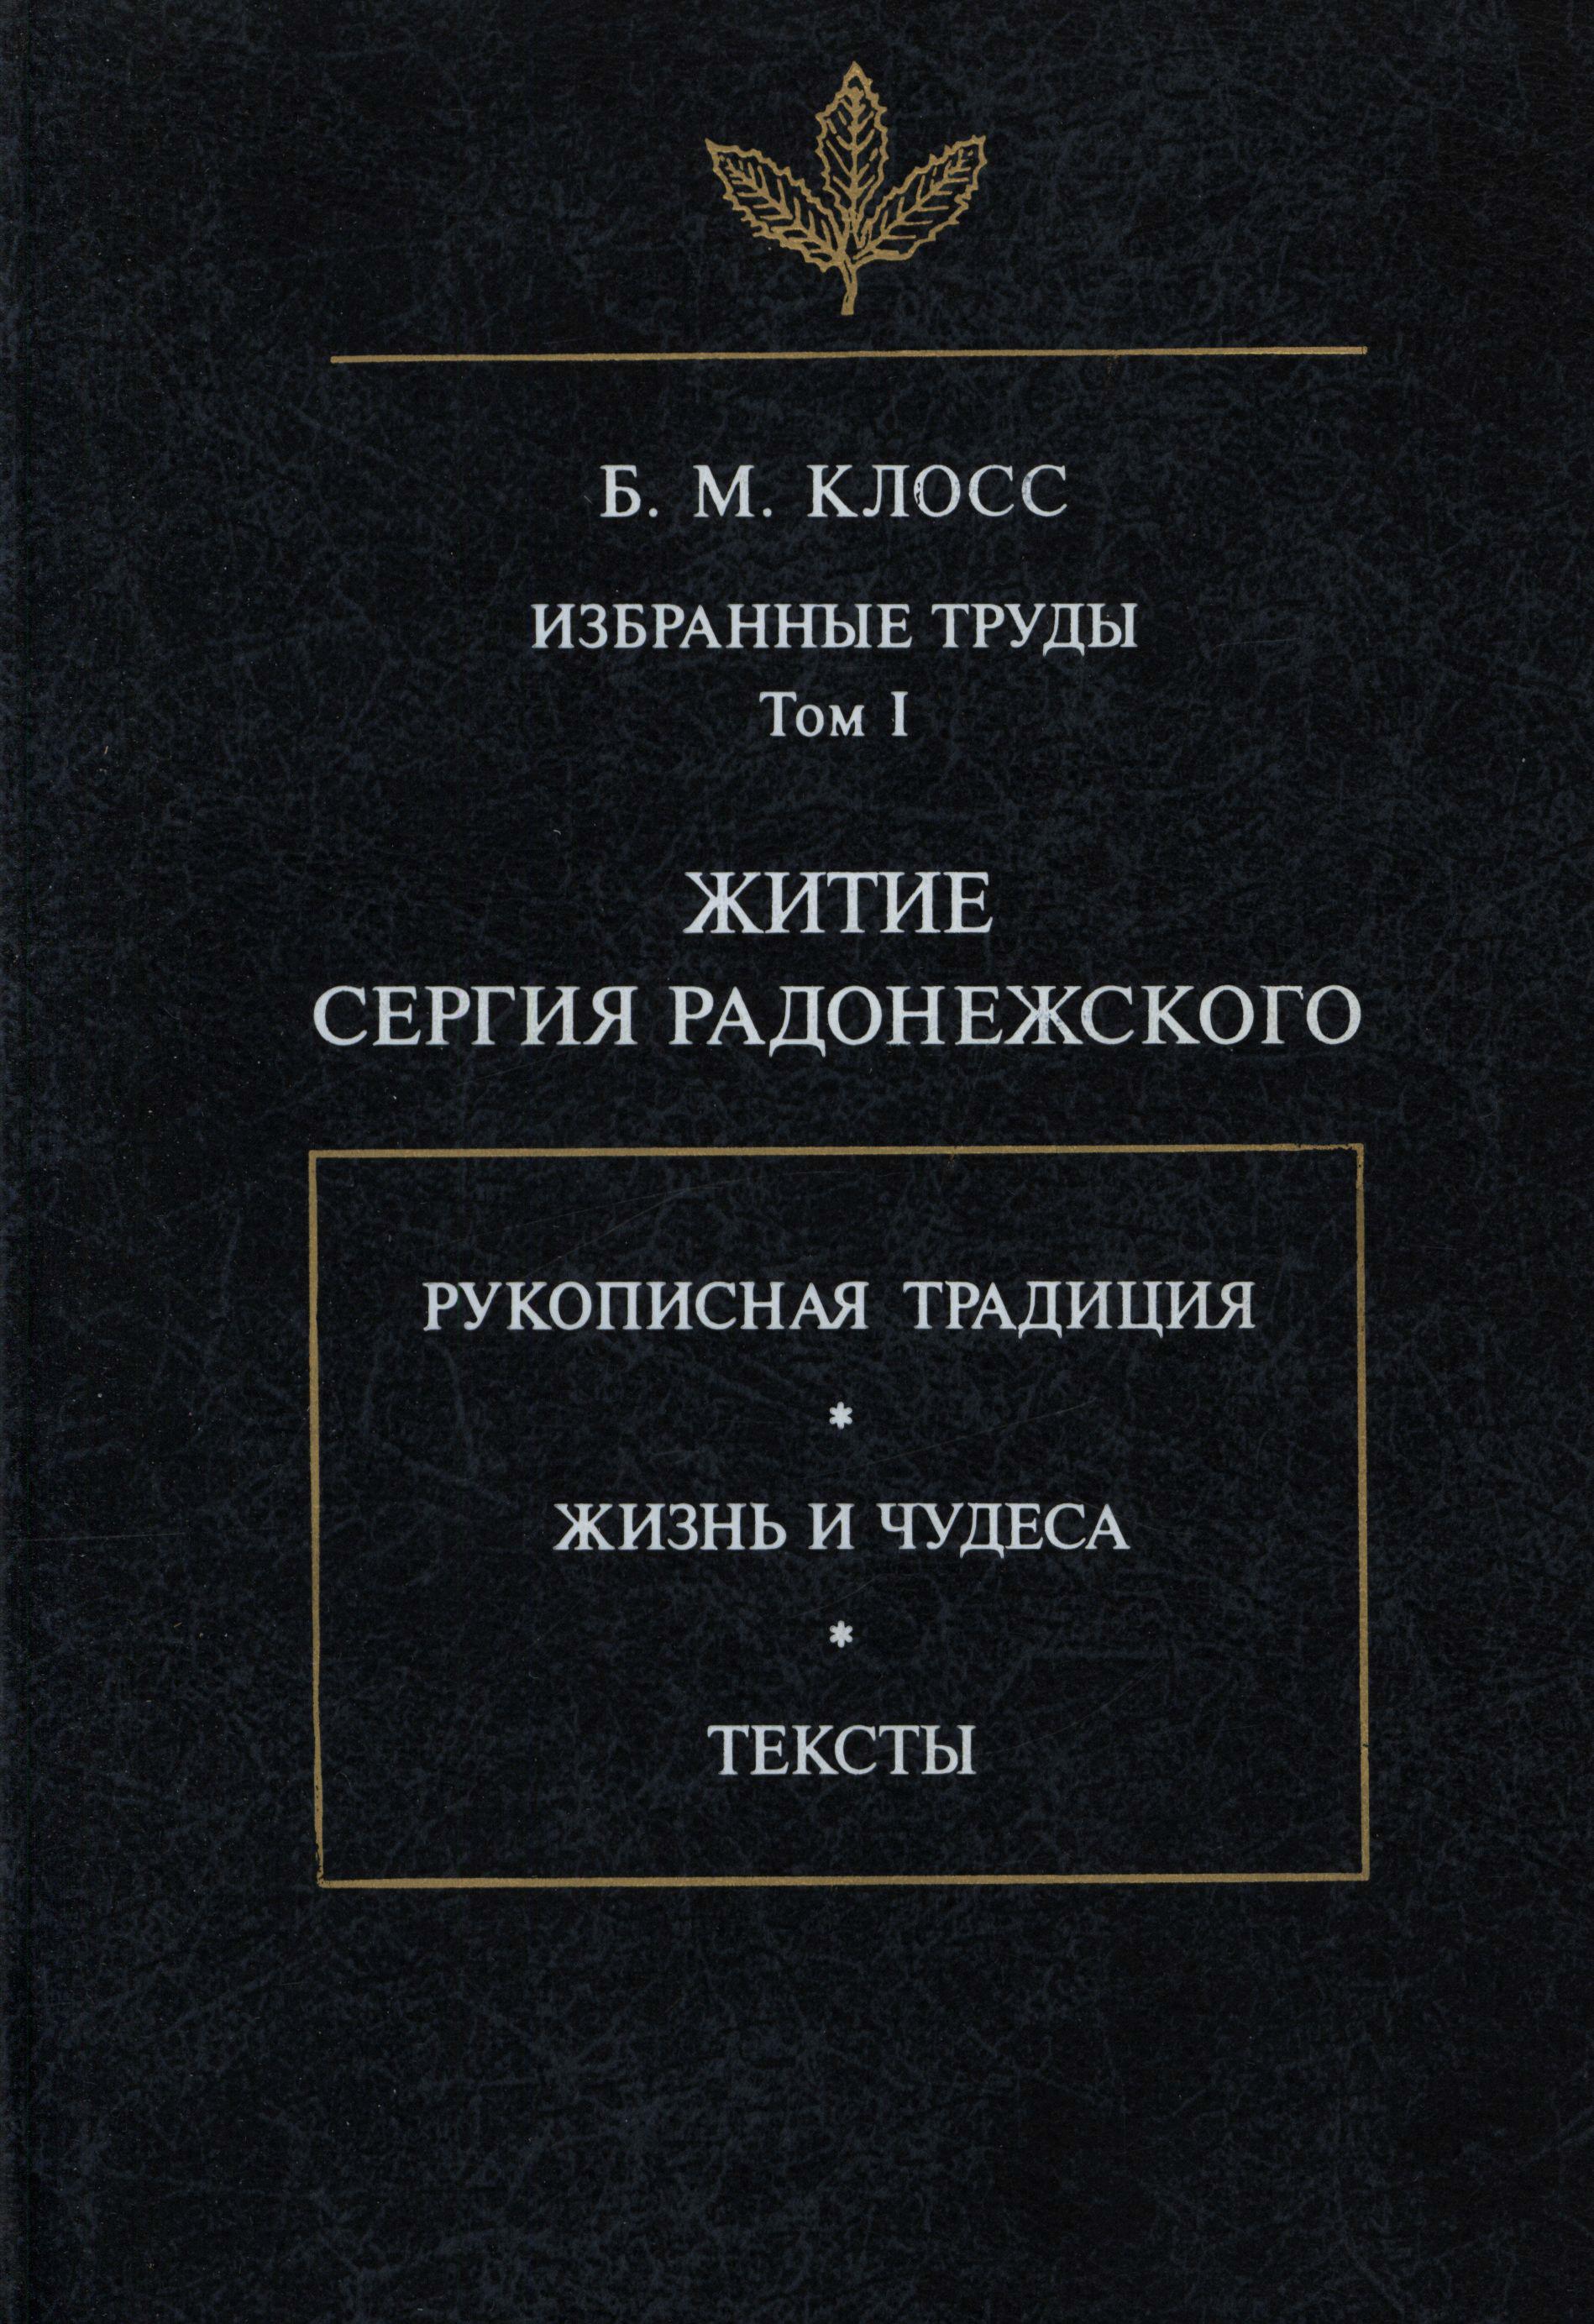 Б. М. Клосс Избранные труды. Том I. Житие Сергия Радонежского